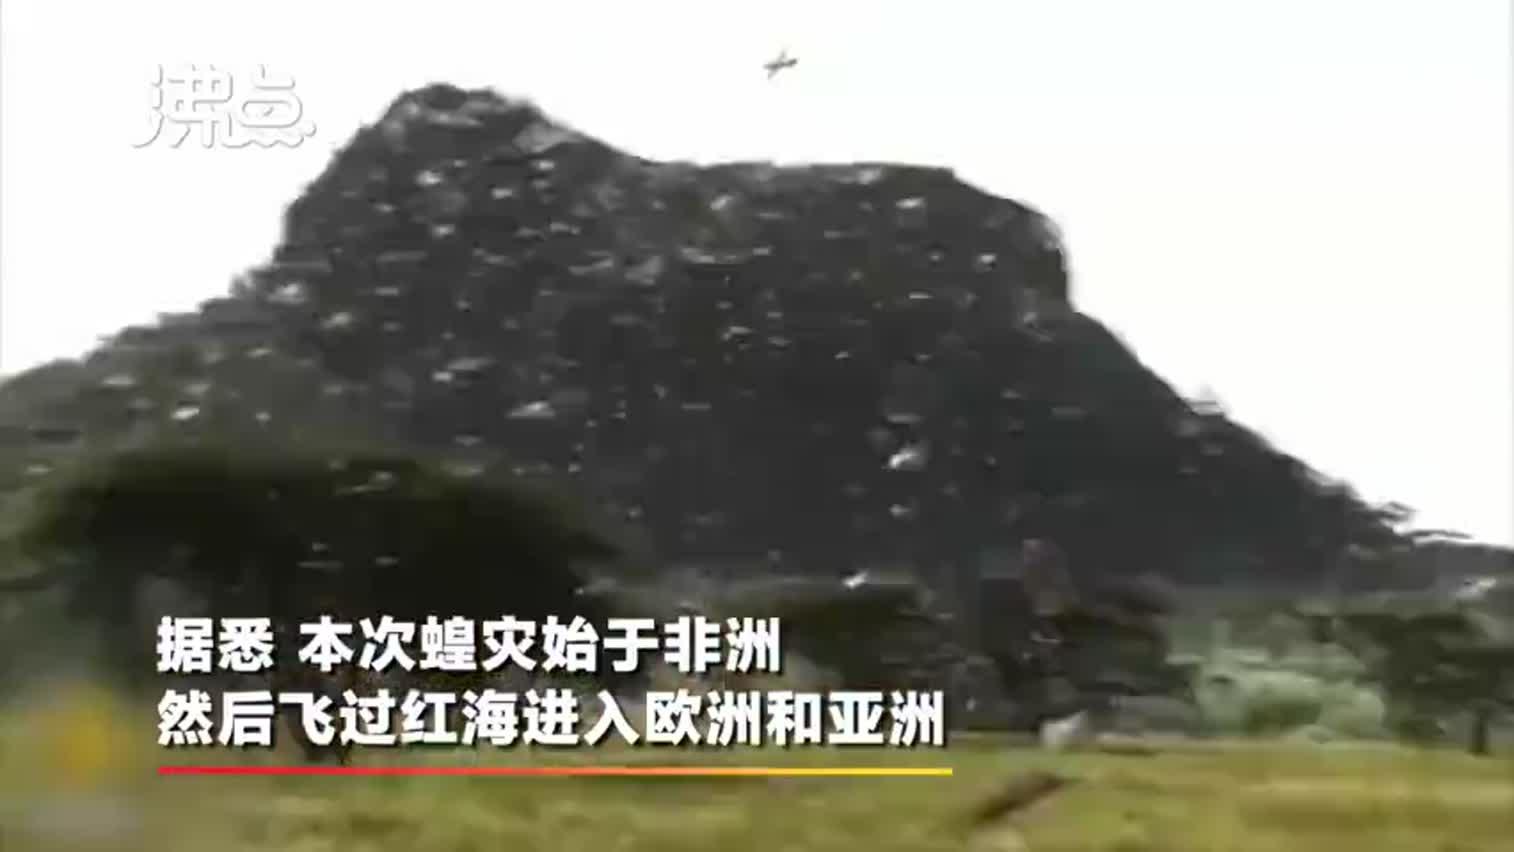 视频-4000亿只蝗虫已到达印度和巴基斯坦  据